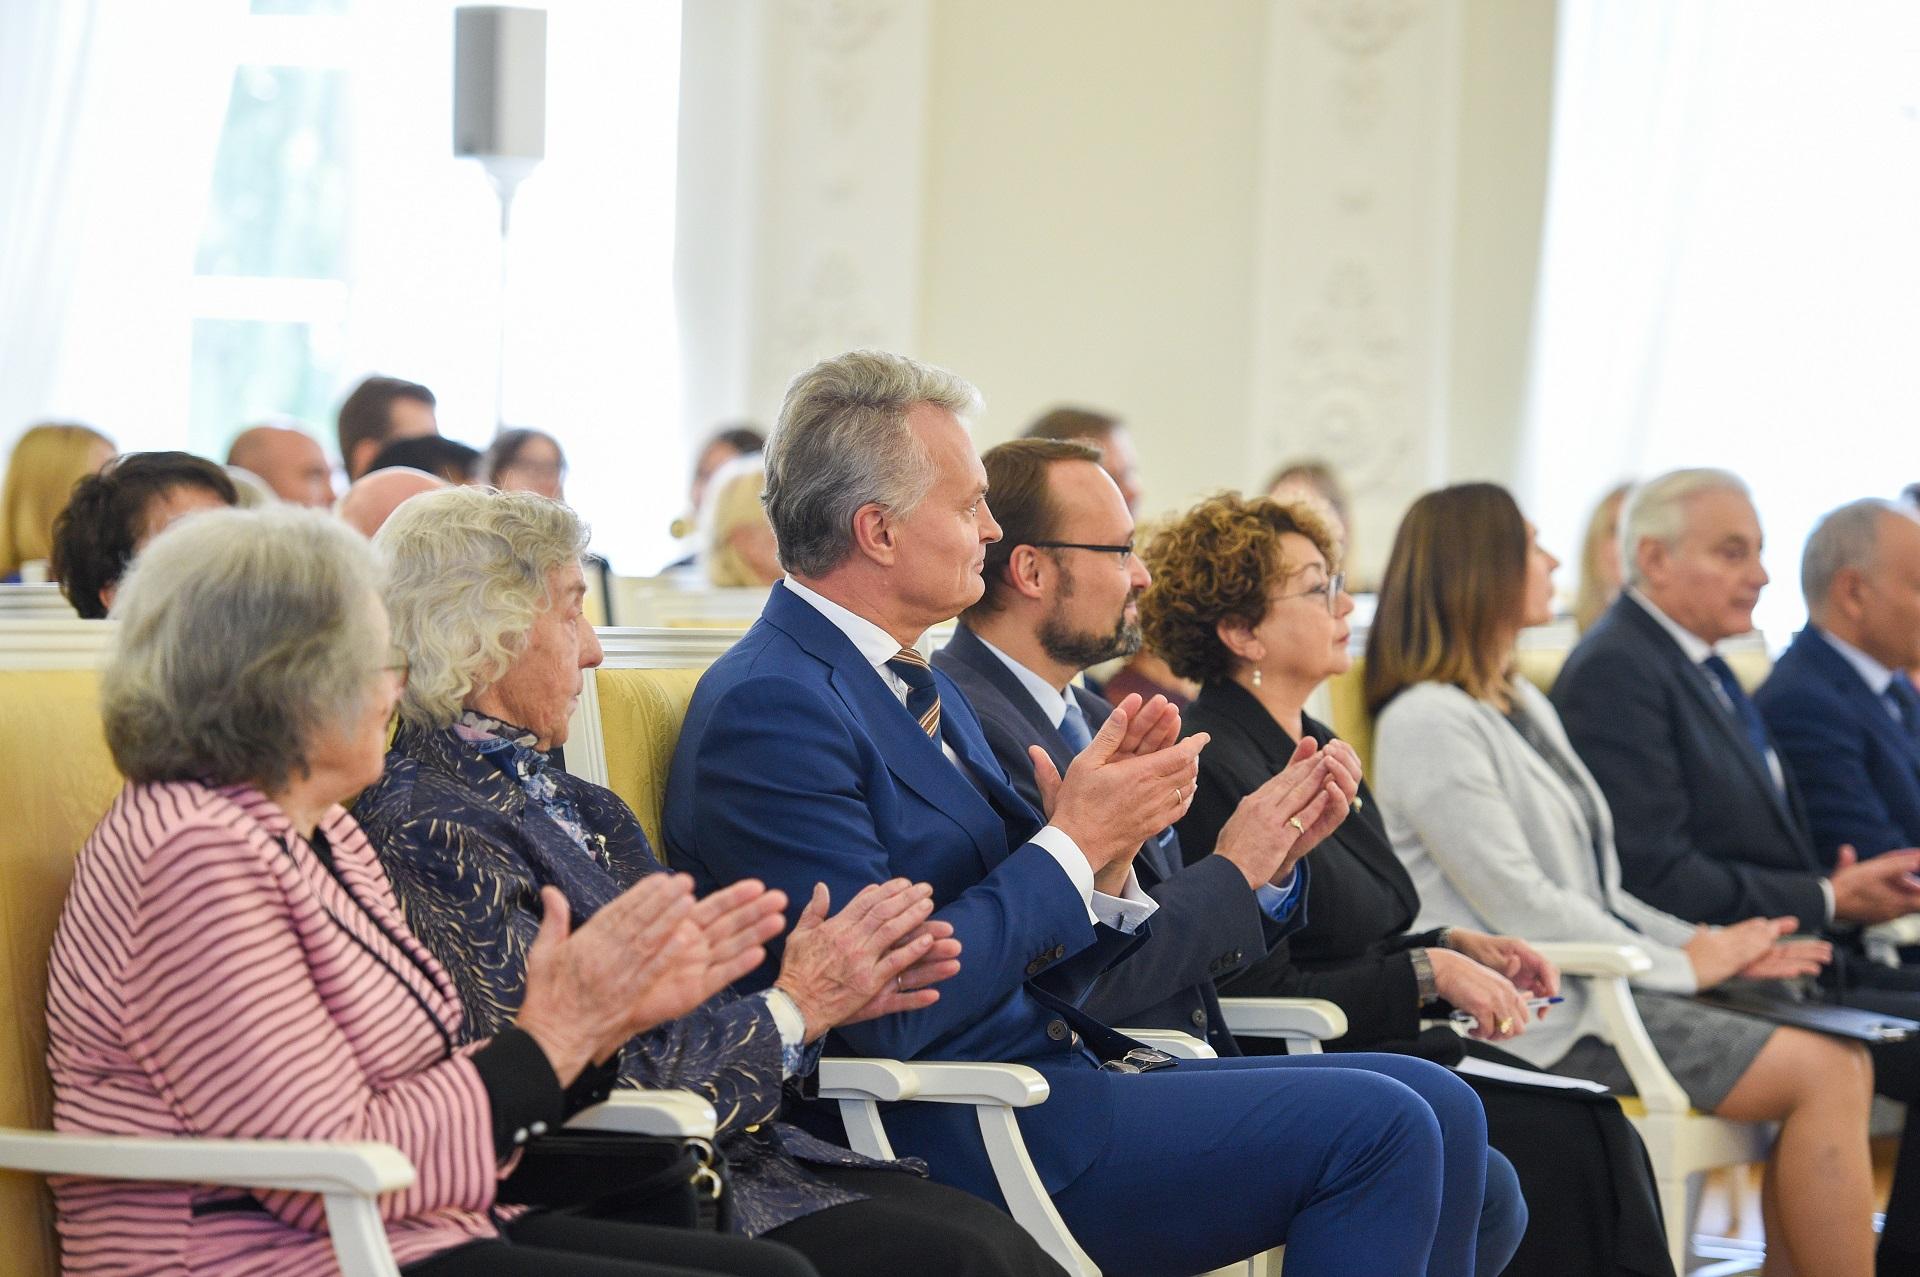 Iškilmingoje ceremonijoje M. Bukauskienė sėdėjo šalia Prezidento Gitano Nausėdos. Roberto Dačkaus (LR Prezidento kanceliarija) nuotr.